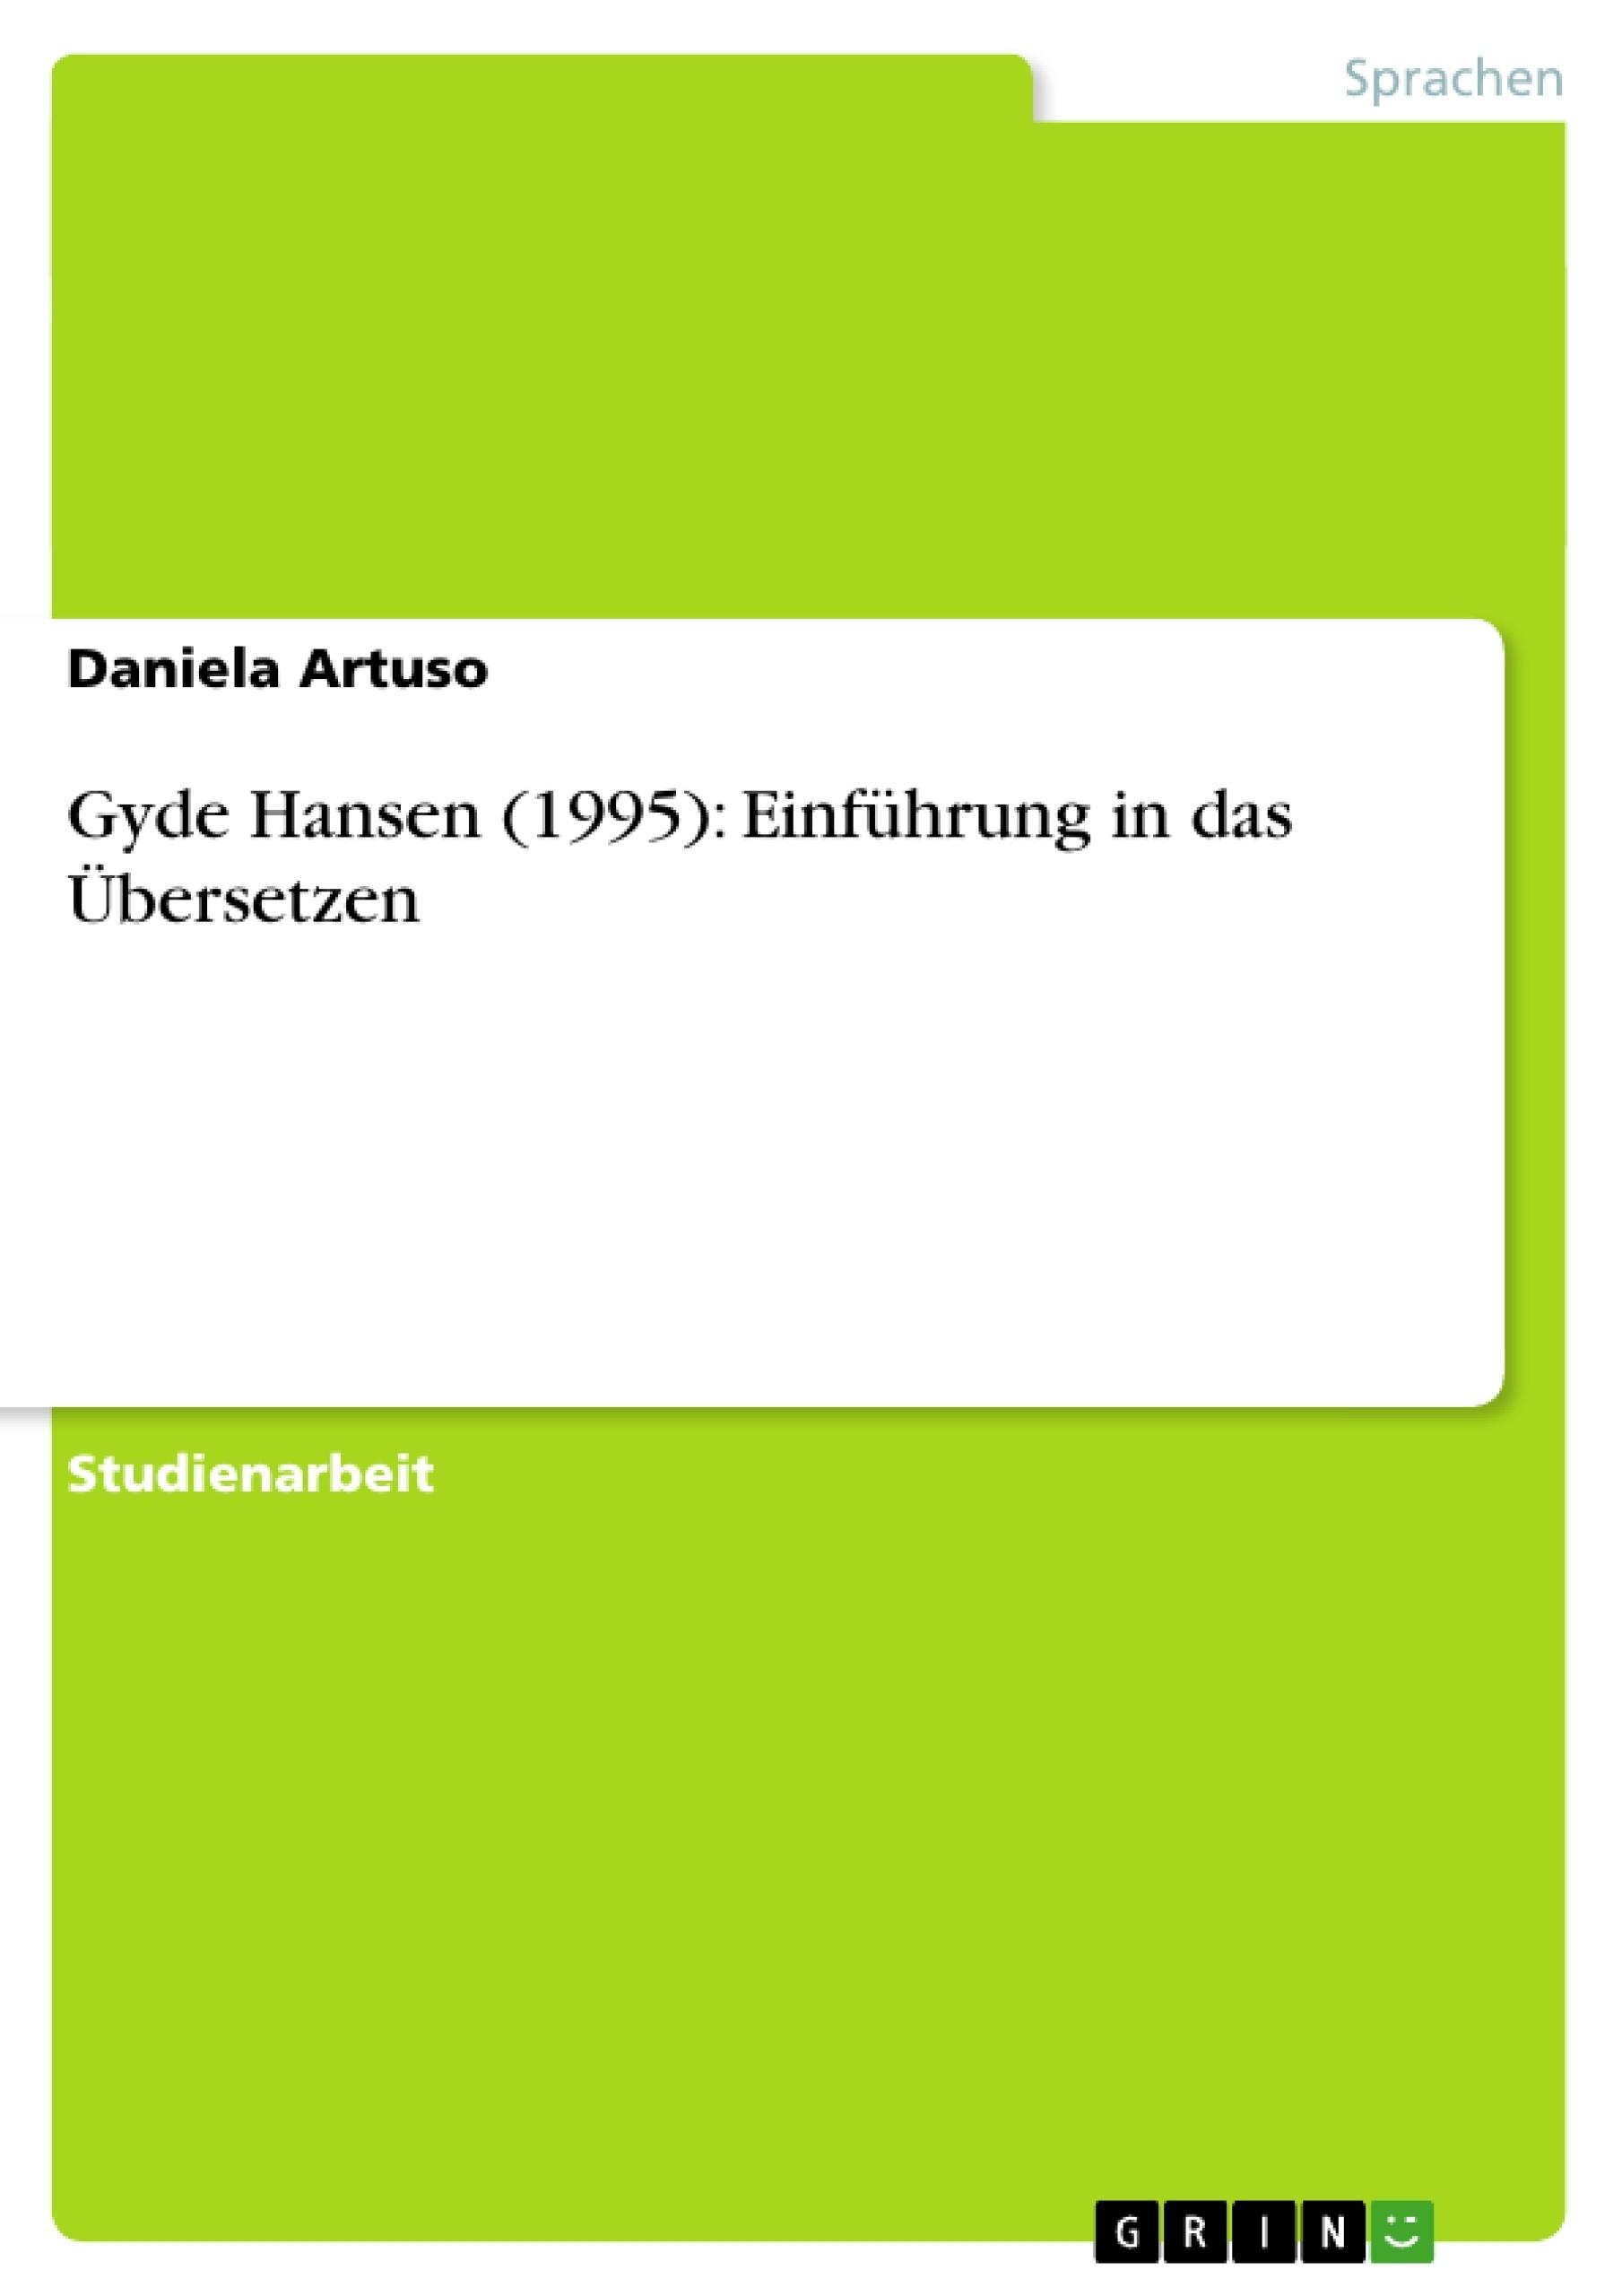 Titel: Gyde Hansen (1995): Einführung in das Übersetzen